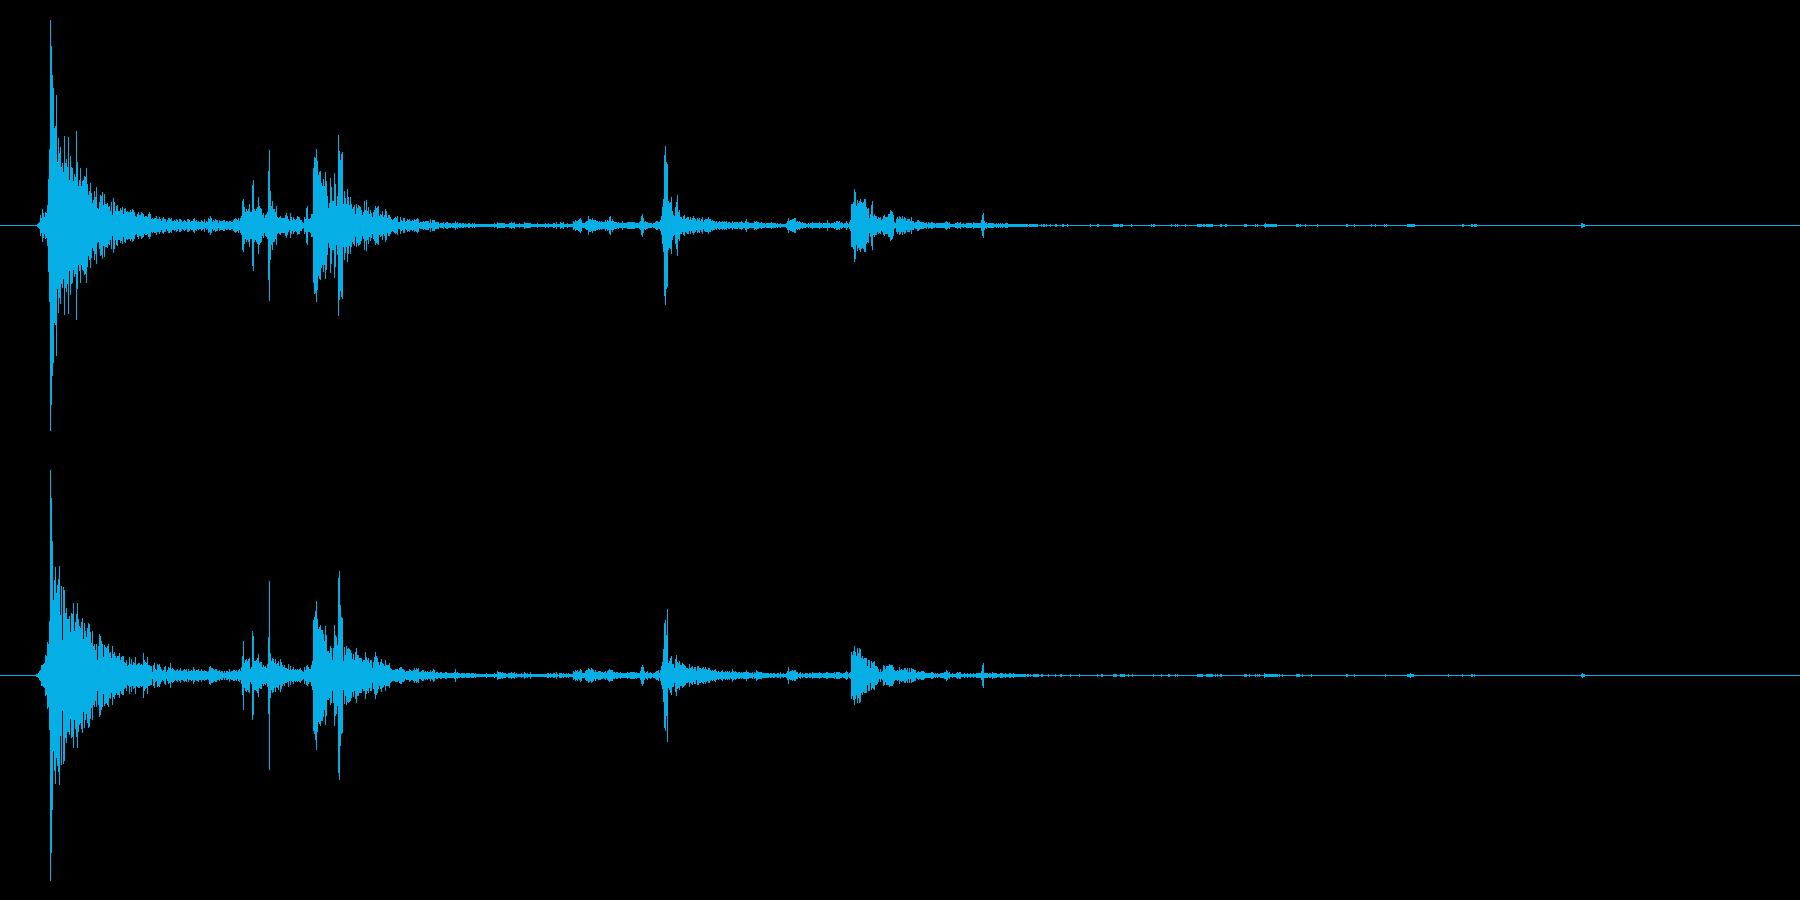 水面に何かを投げて落とした音チャポン3の再生済みの波形